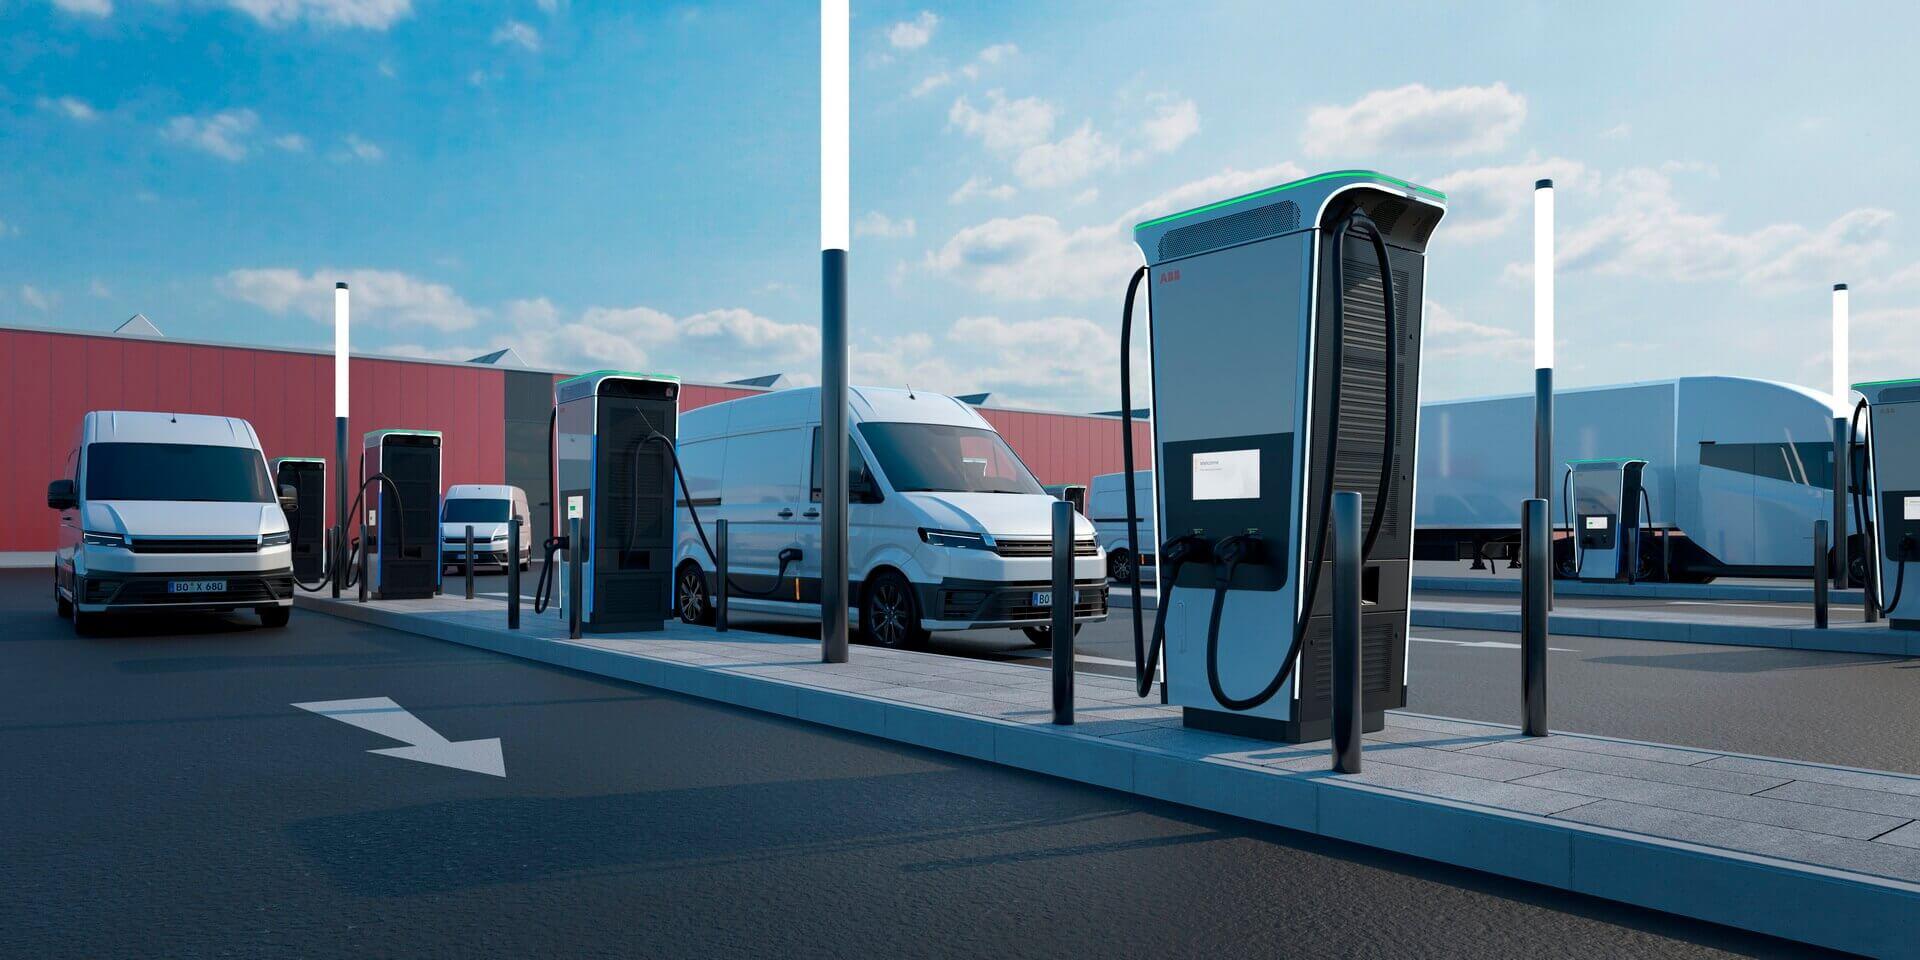 Зарядные станции Terra 360 можно рассматривать для организации зарядки парков коммерческих электромобилей, например фургонов, грузовиков, такси икаршеринга